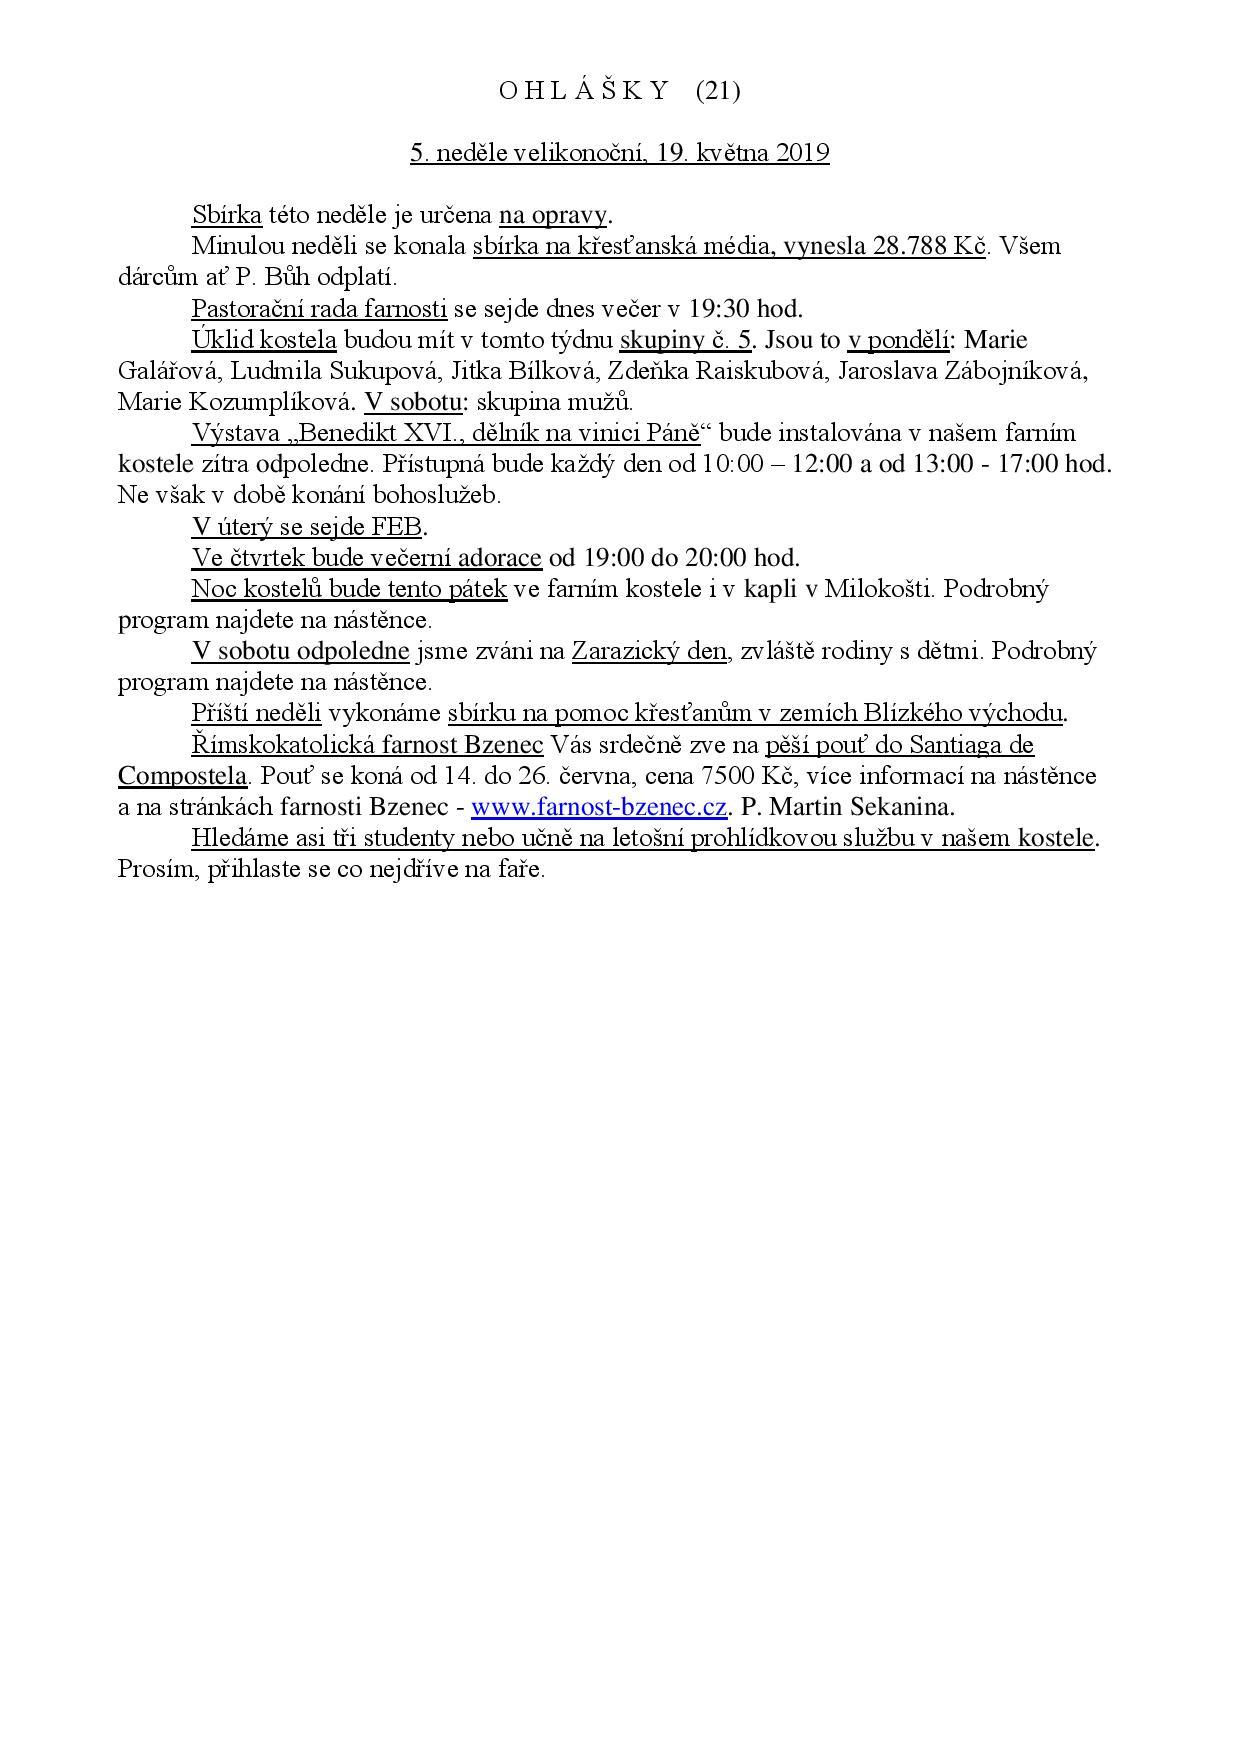 OHLÁŠKY 21 - 19. 5. 2019-page-001